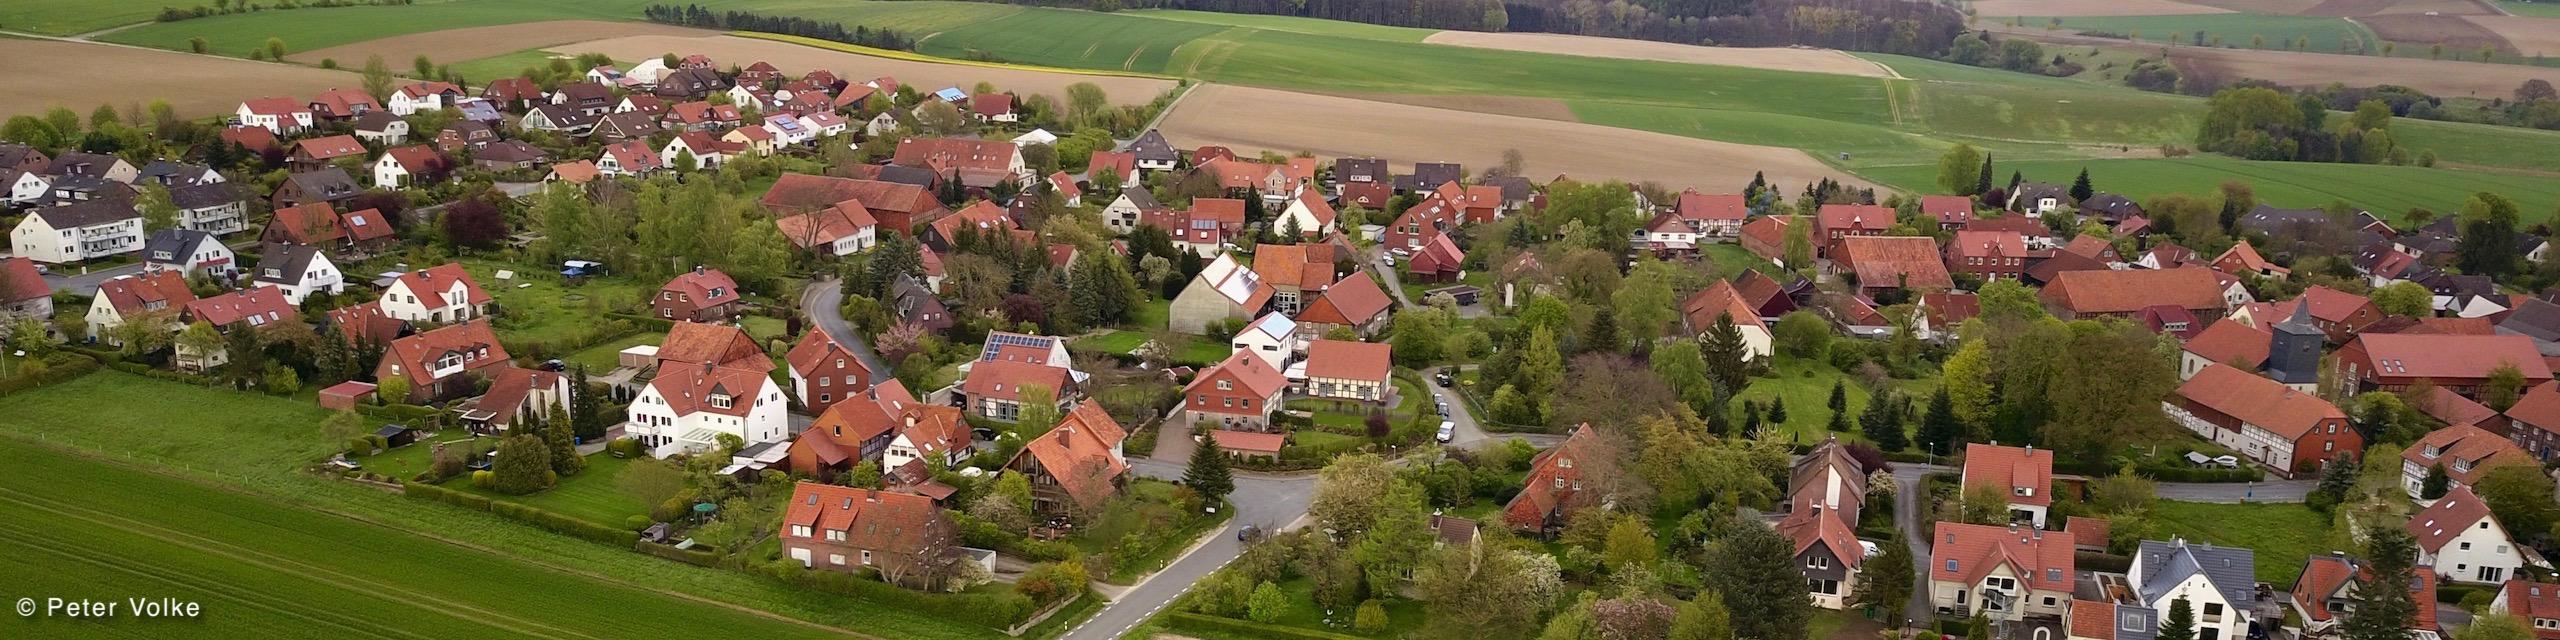 Lechstedt aus der Luft – lechstedt.de